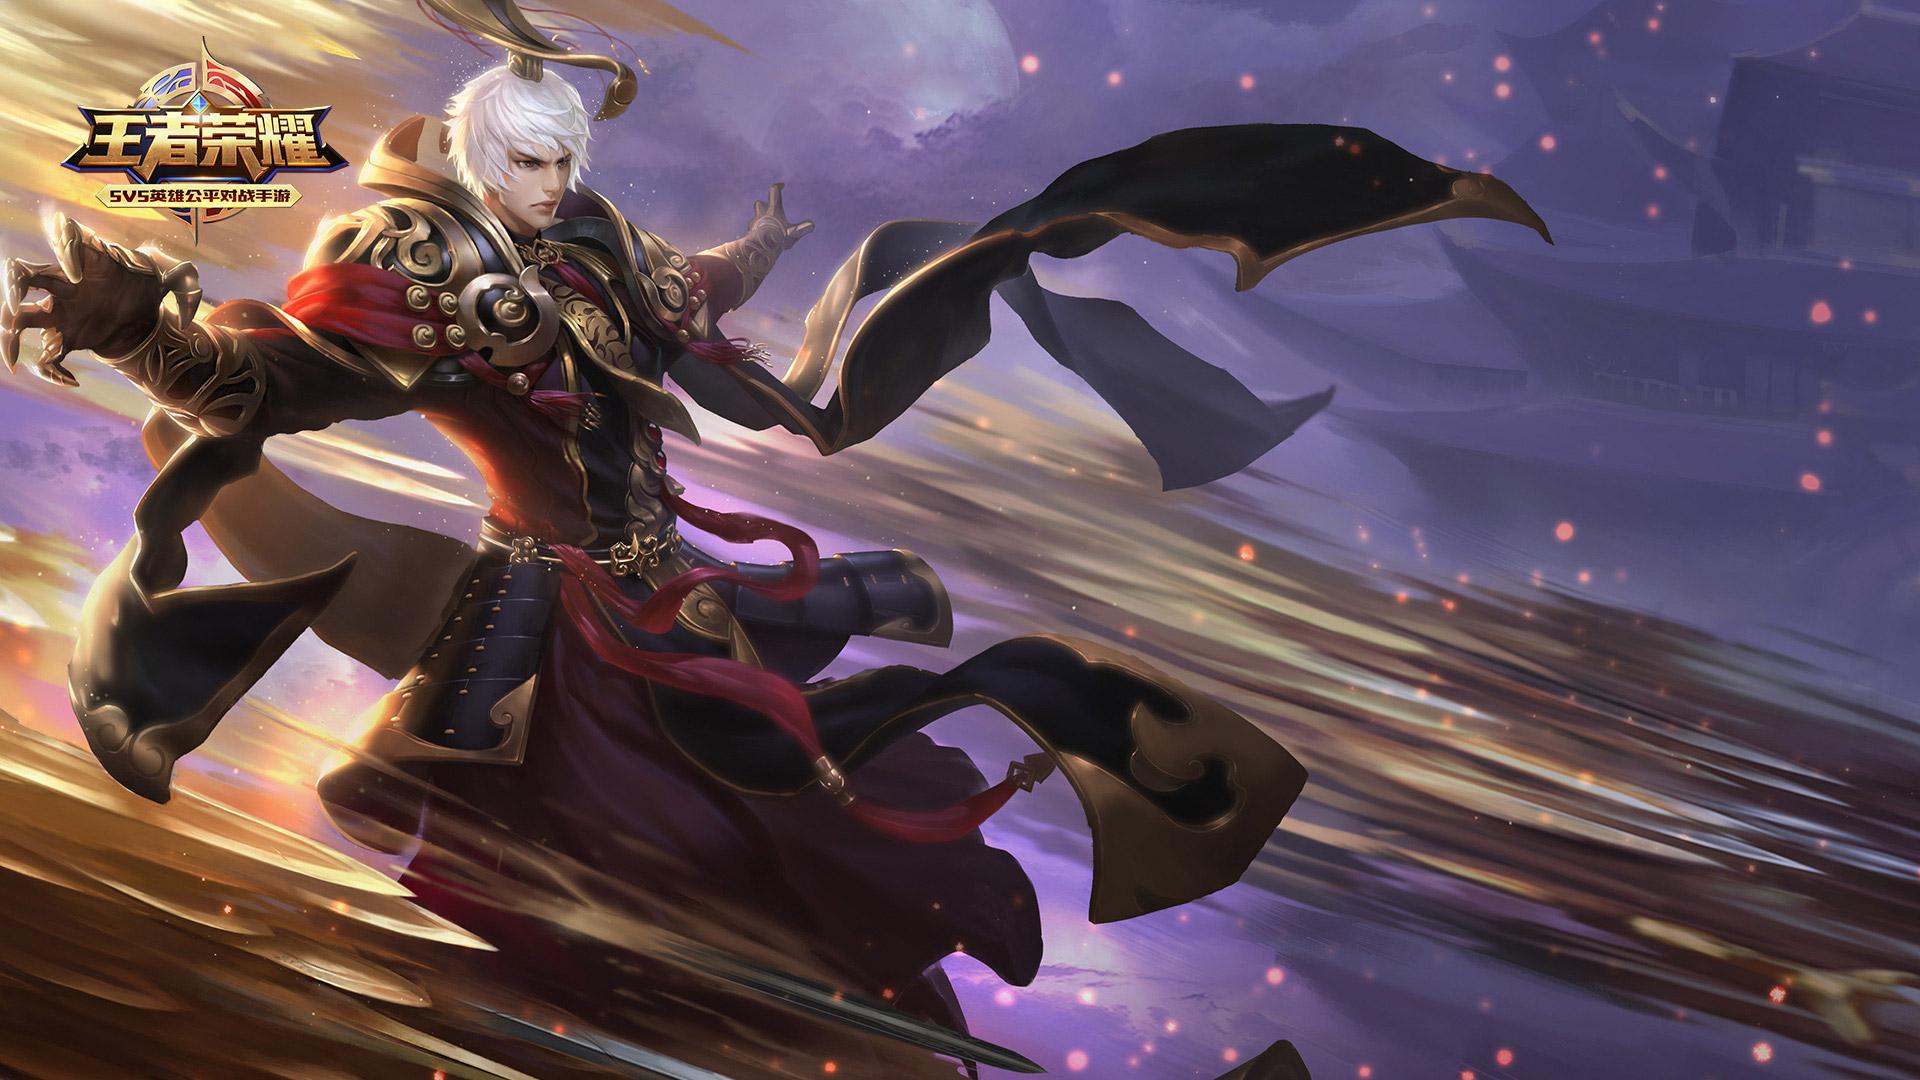 第1弹《王者荣耀英雄皮肤CG》竞技游戏167